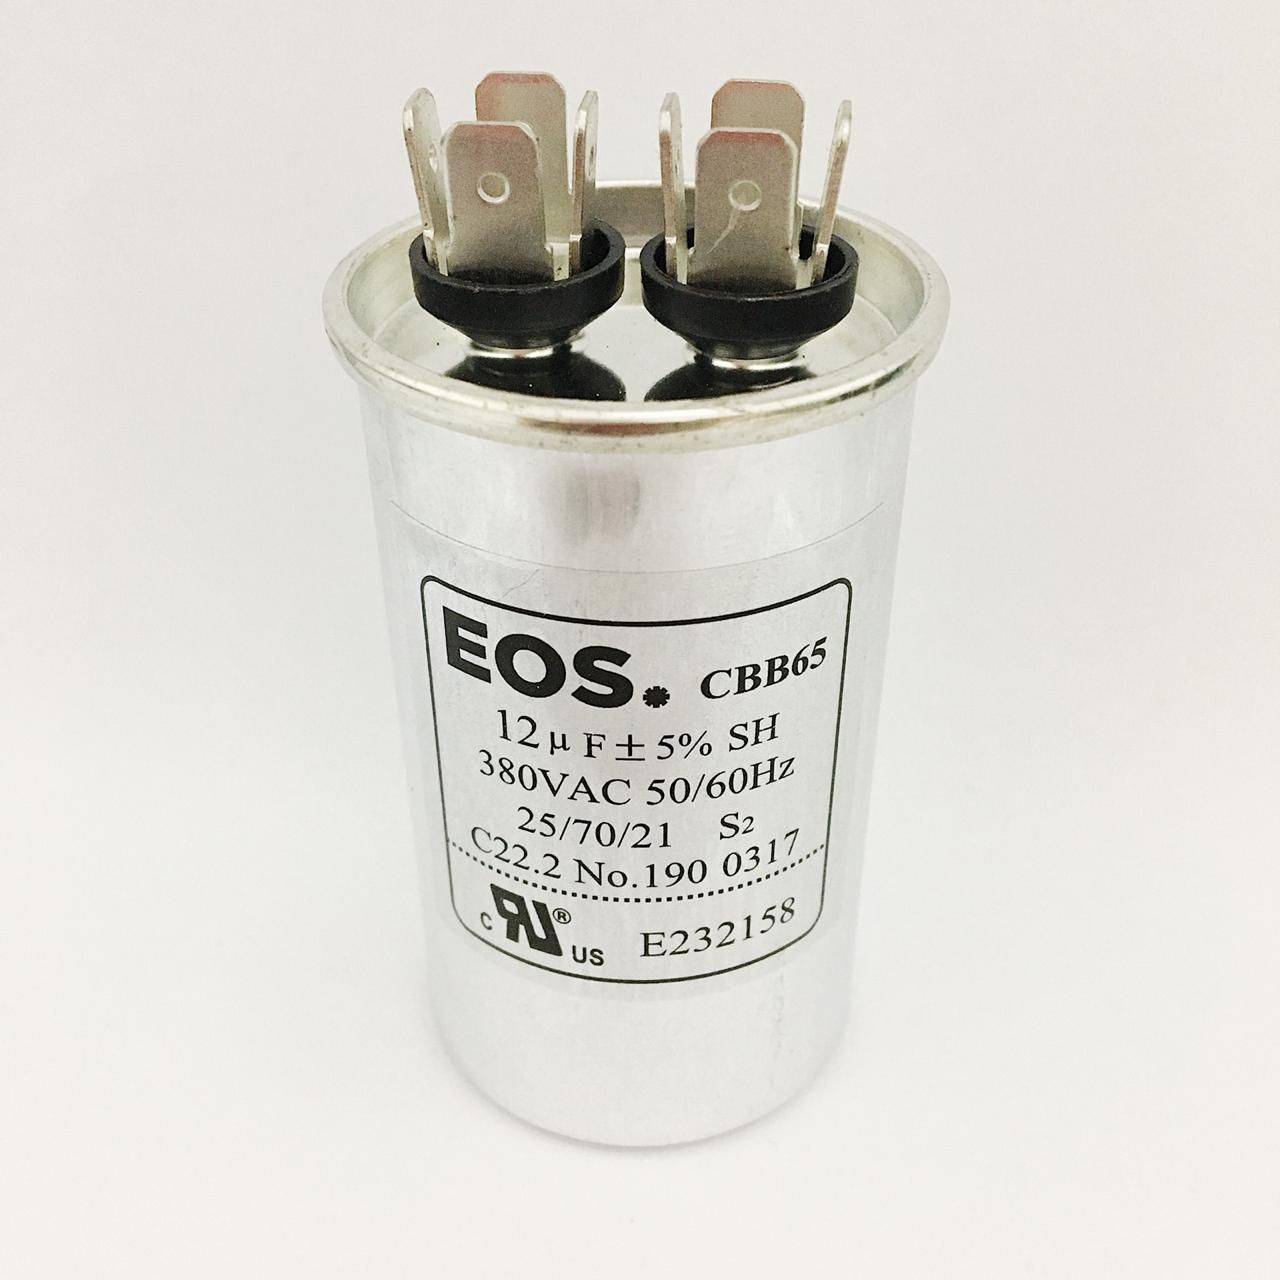 Capacitor 12 MFD 380V 50/60Hz